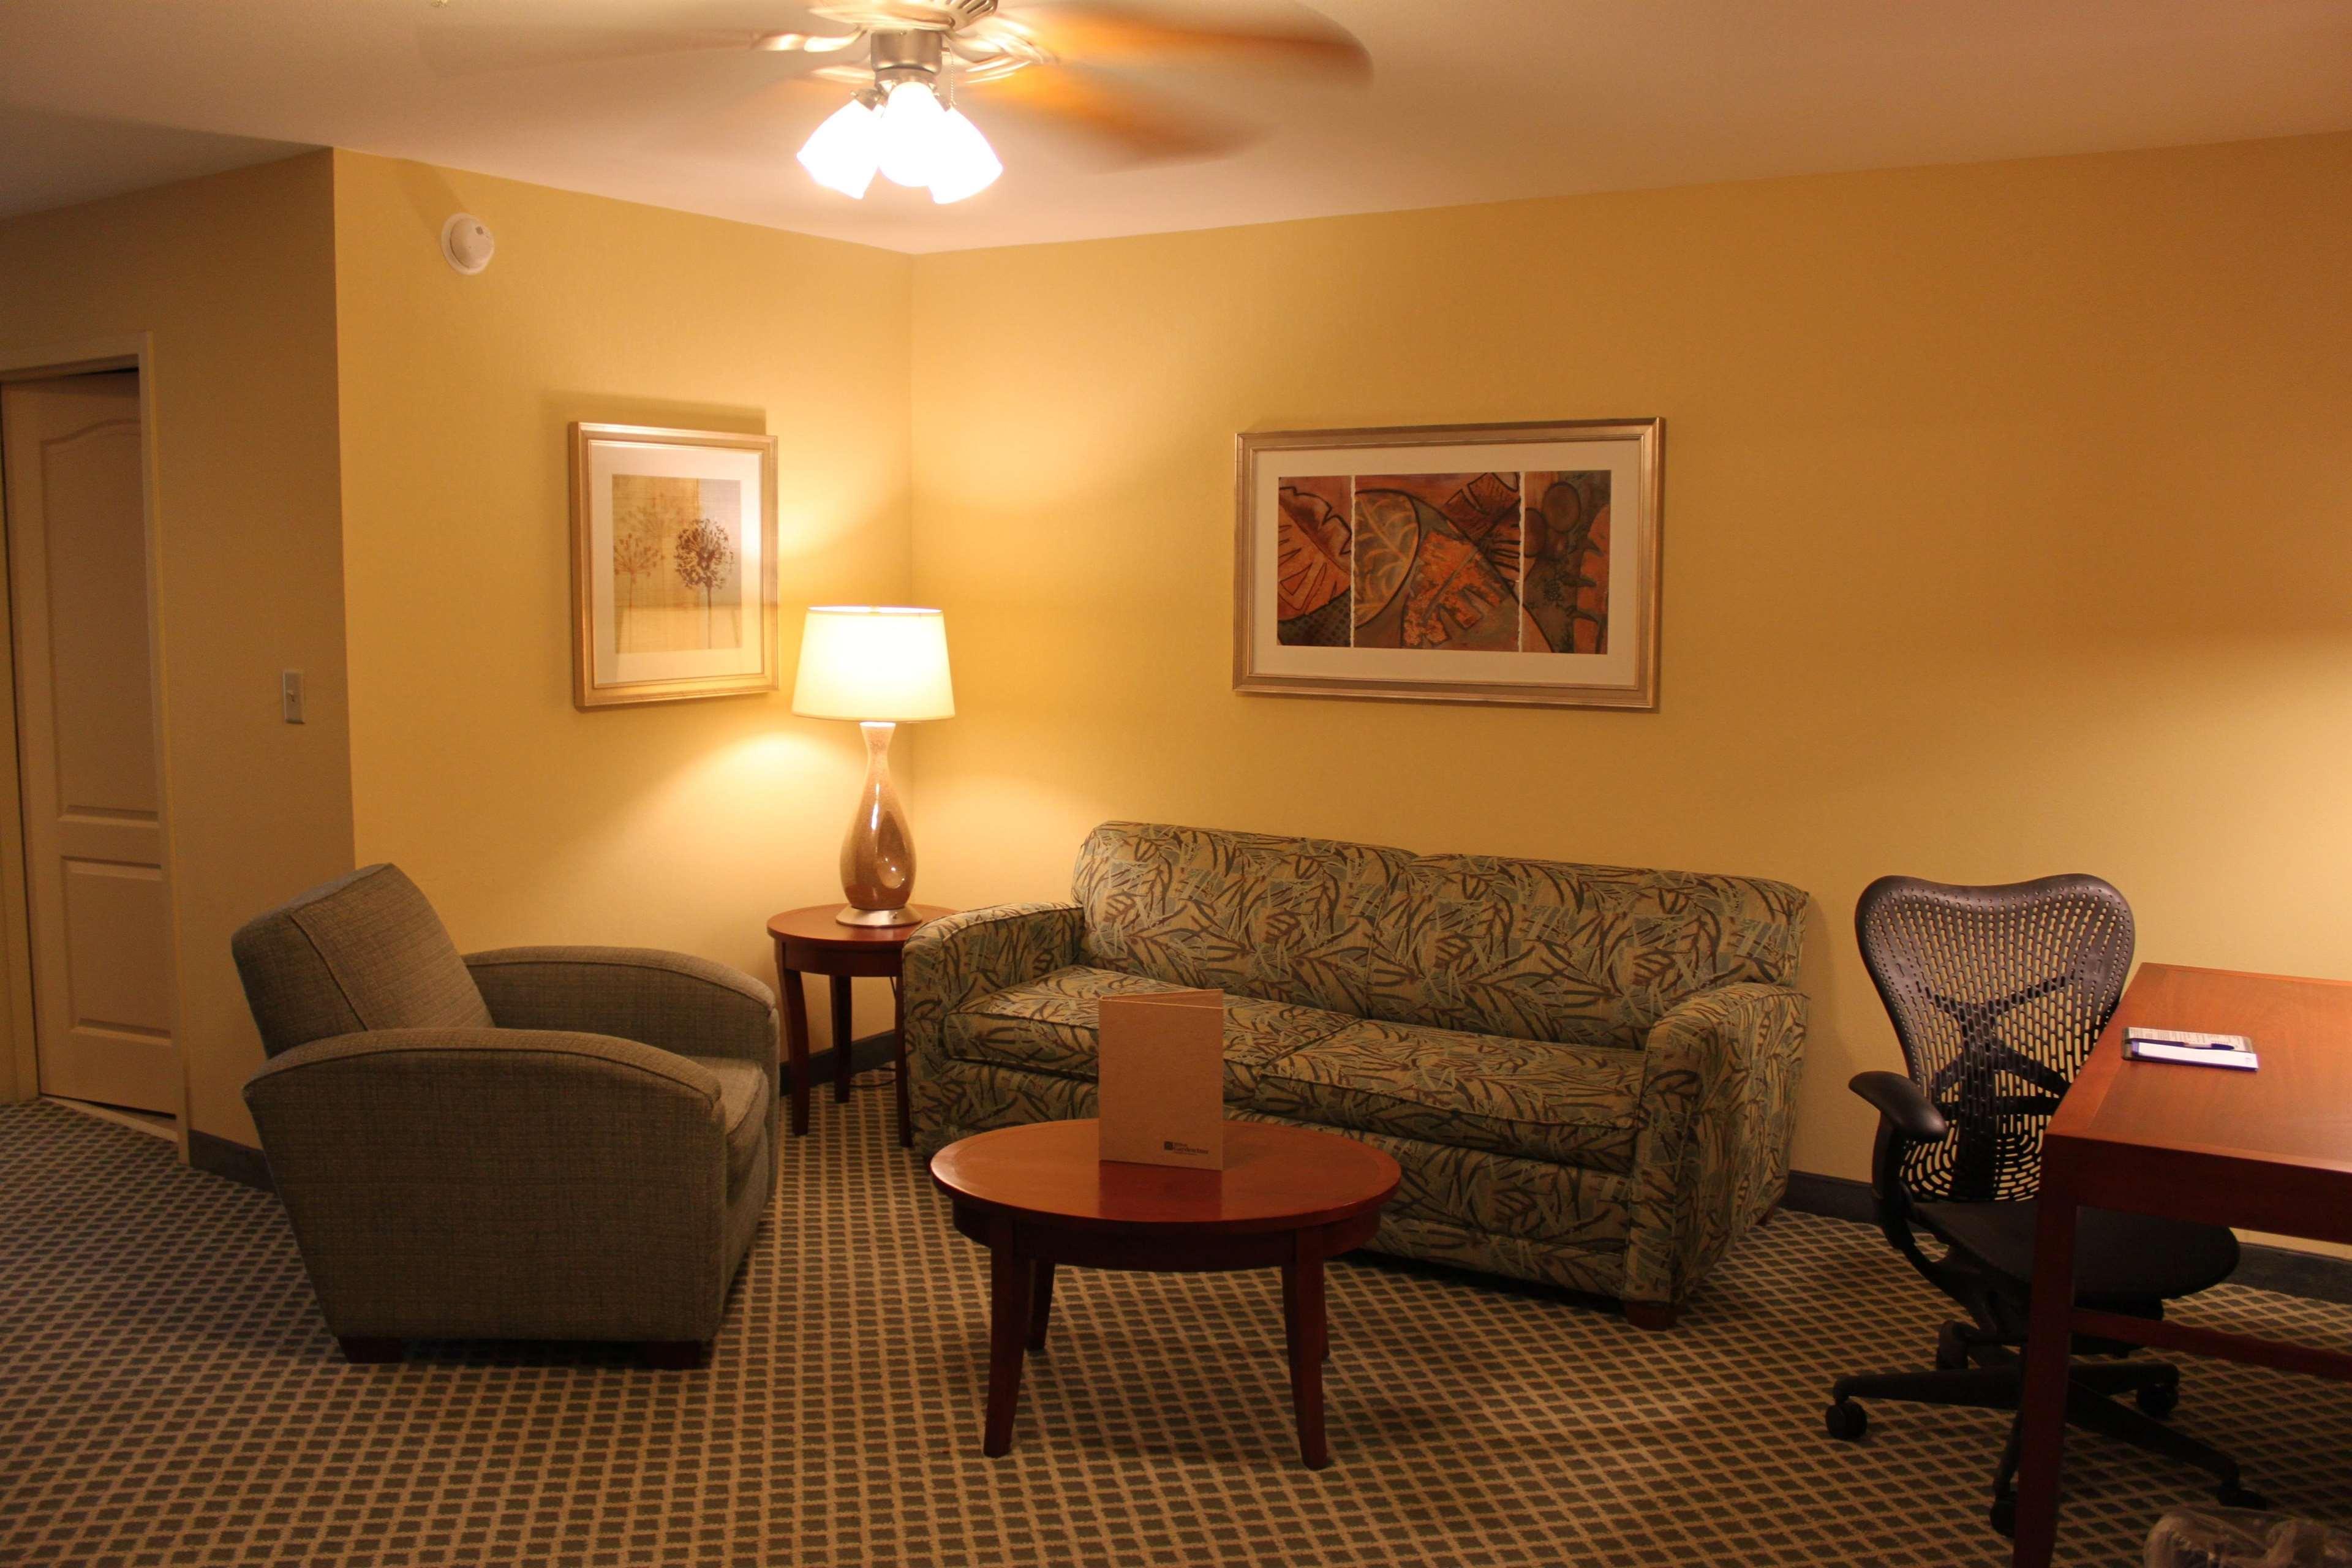 Hilton Garden Inn Conway 805 Amity Road Conway, AR Hotels & Motels ...